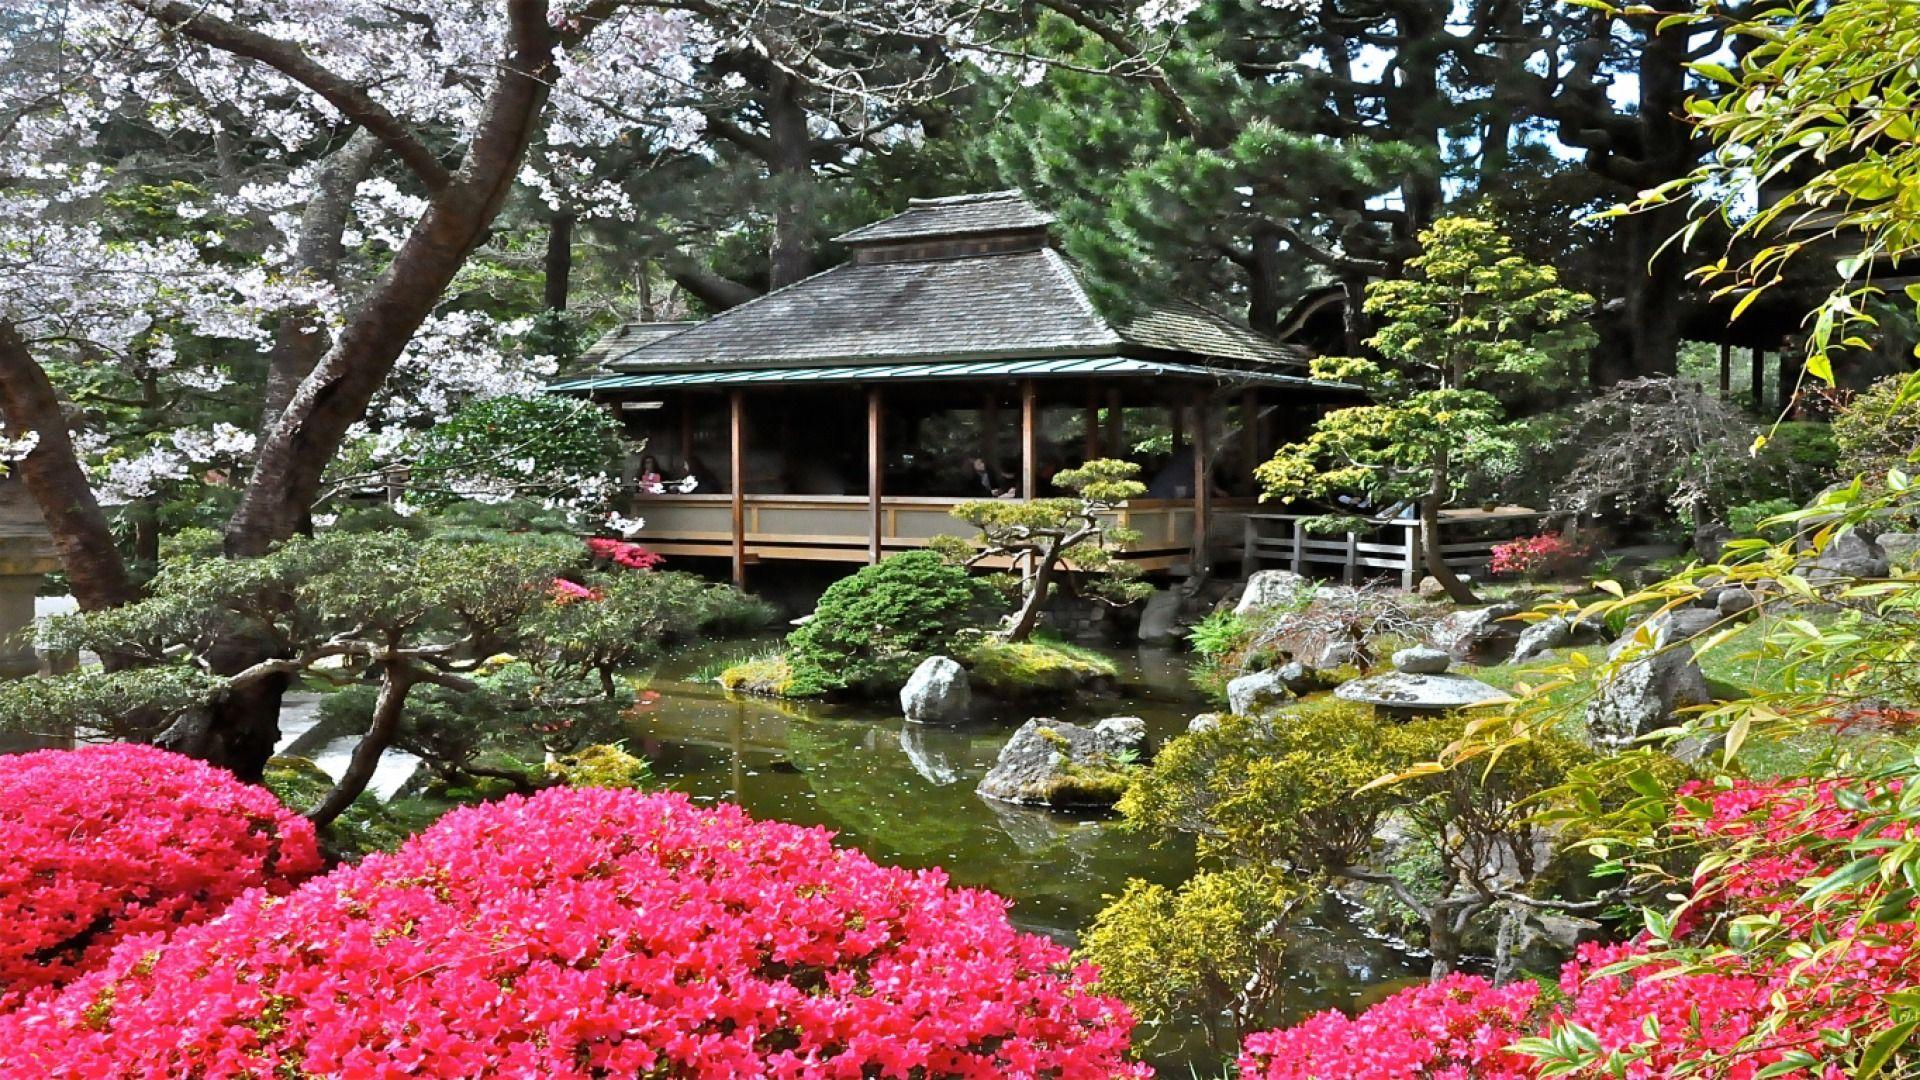 Hagiwara Japanese Tea Garden Golden Gate Park San Francisco California Usa Tea Garden Japanese Garden Golden Gate Park